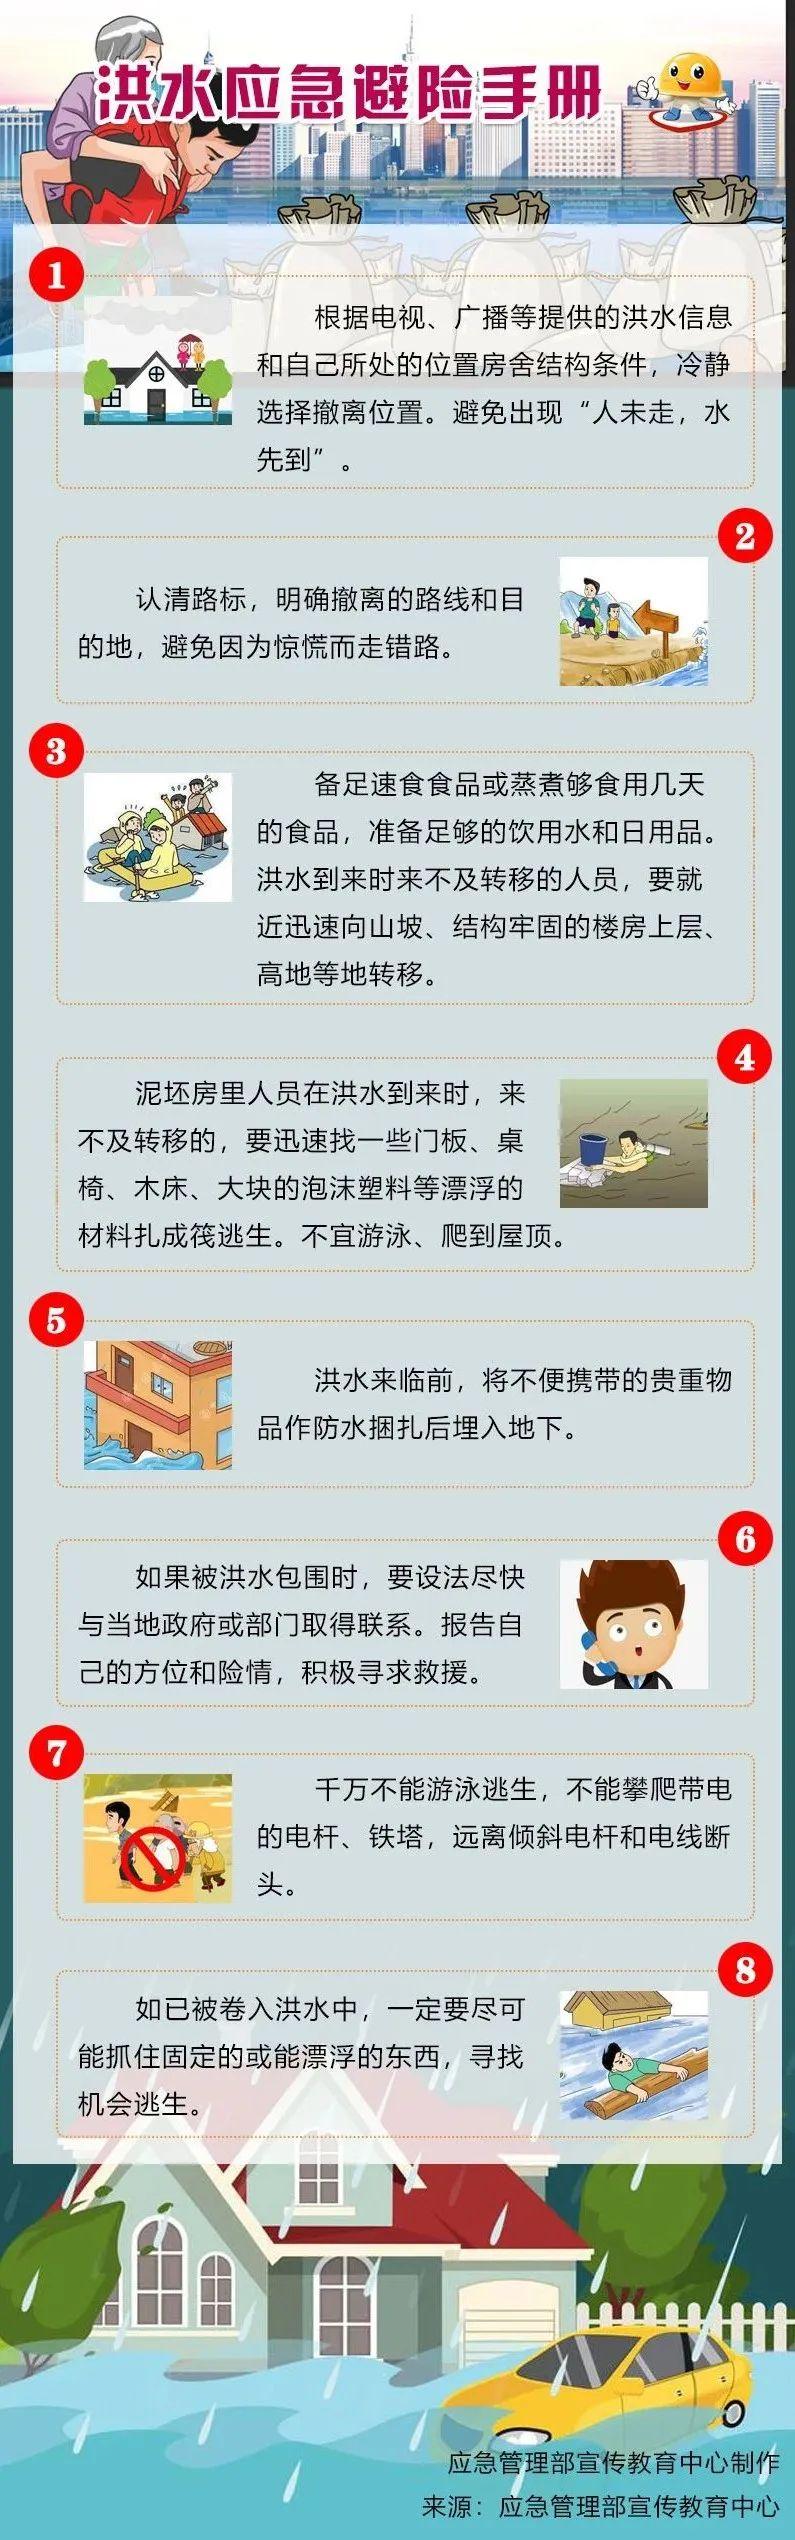 洪水应急避险手册